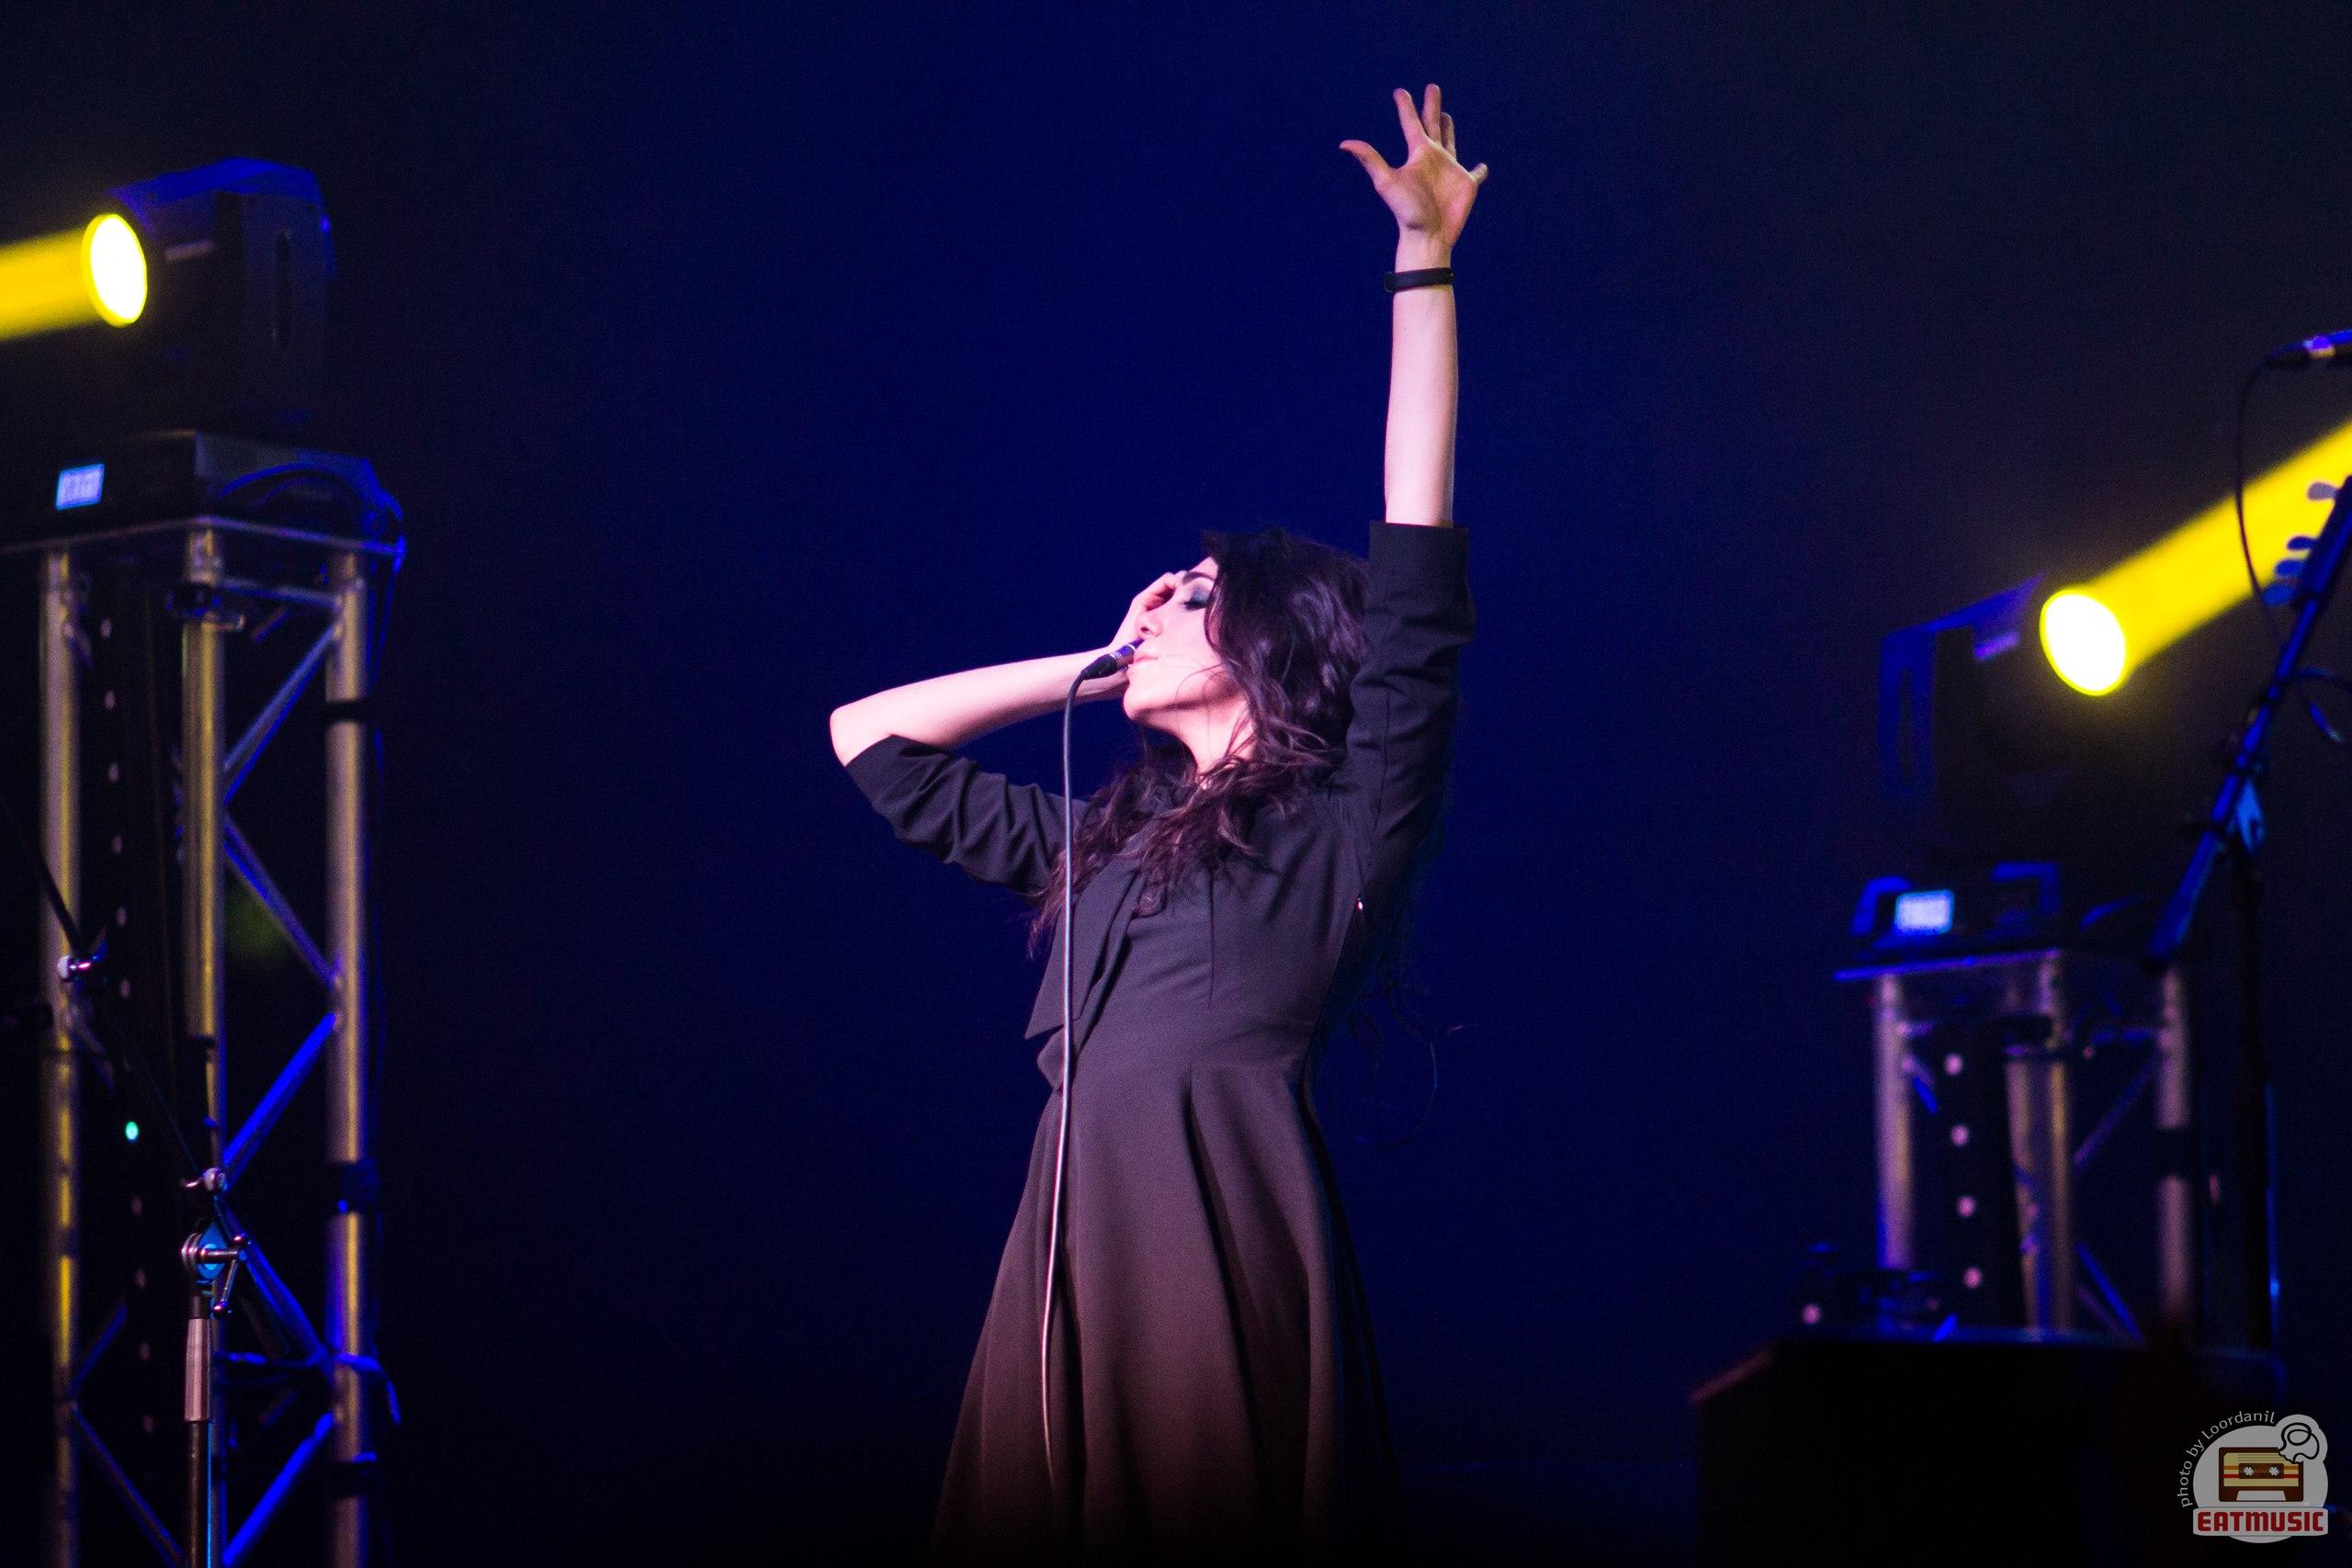 Концерт АлоэВера в Известия Hall